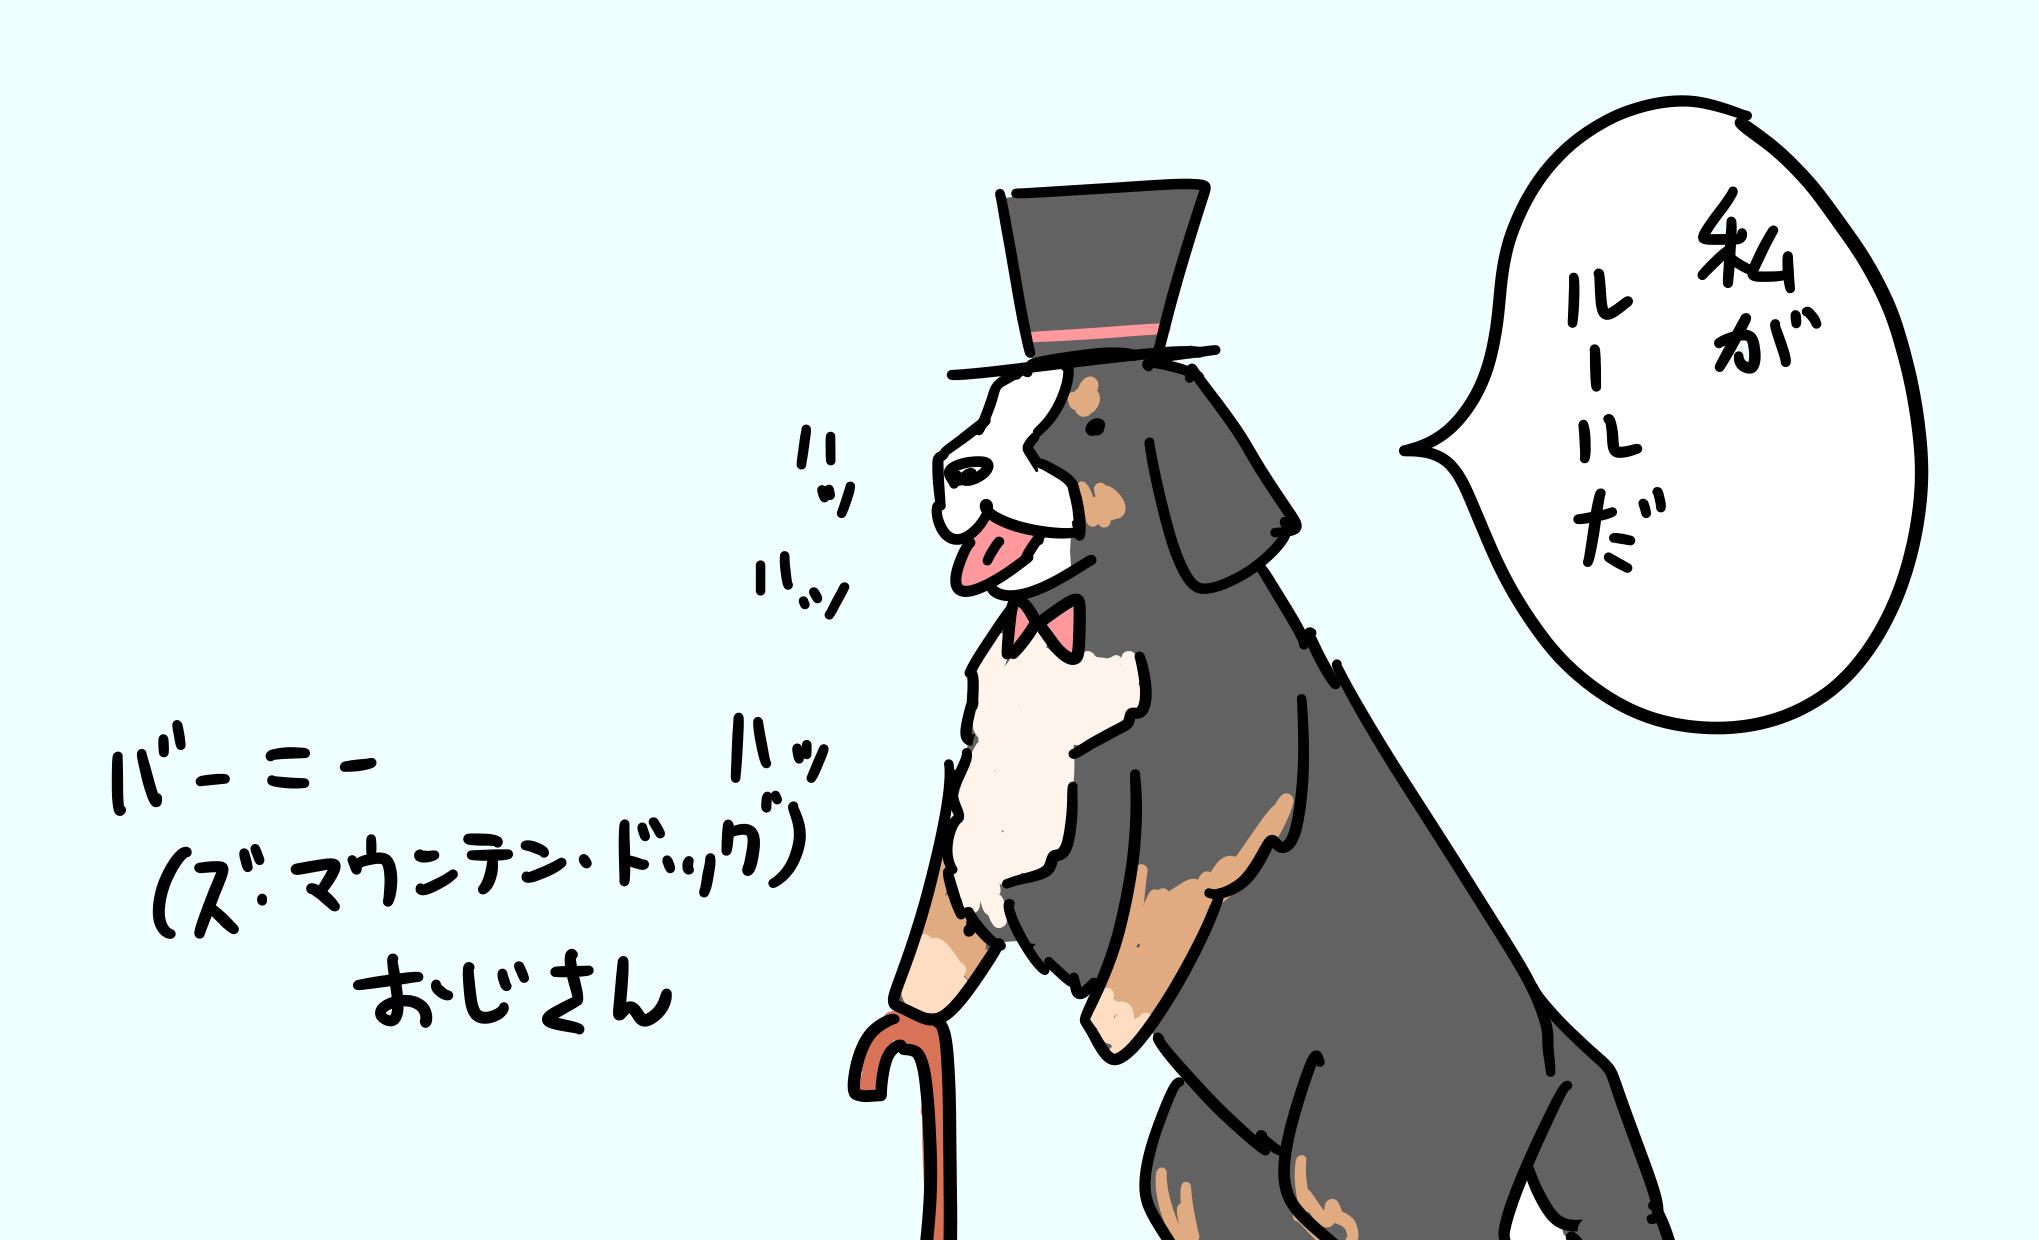 バーニーズマウンテンドッグおじさん